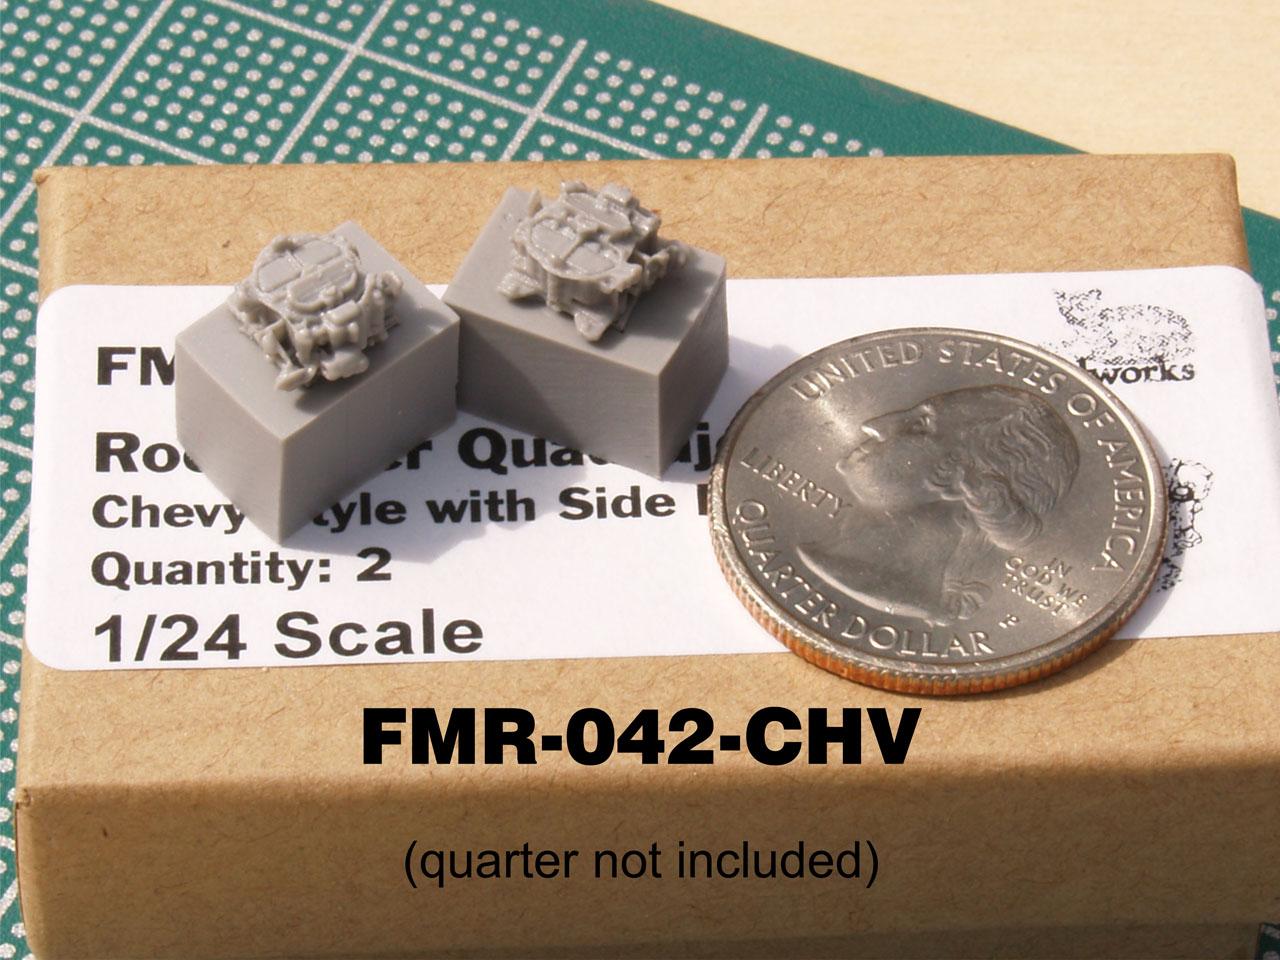 fmr-042-043 2